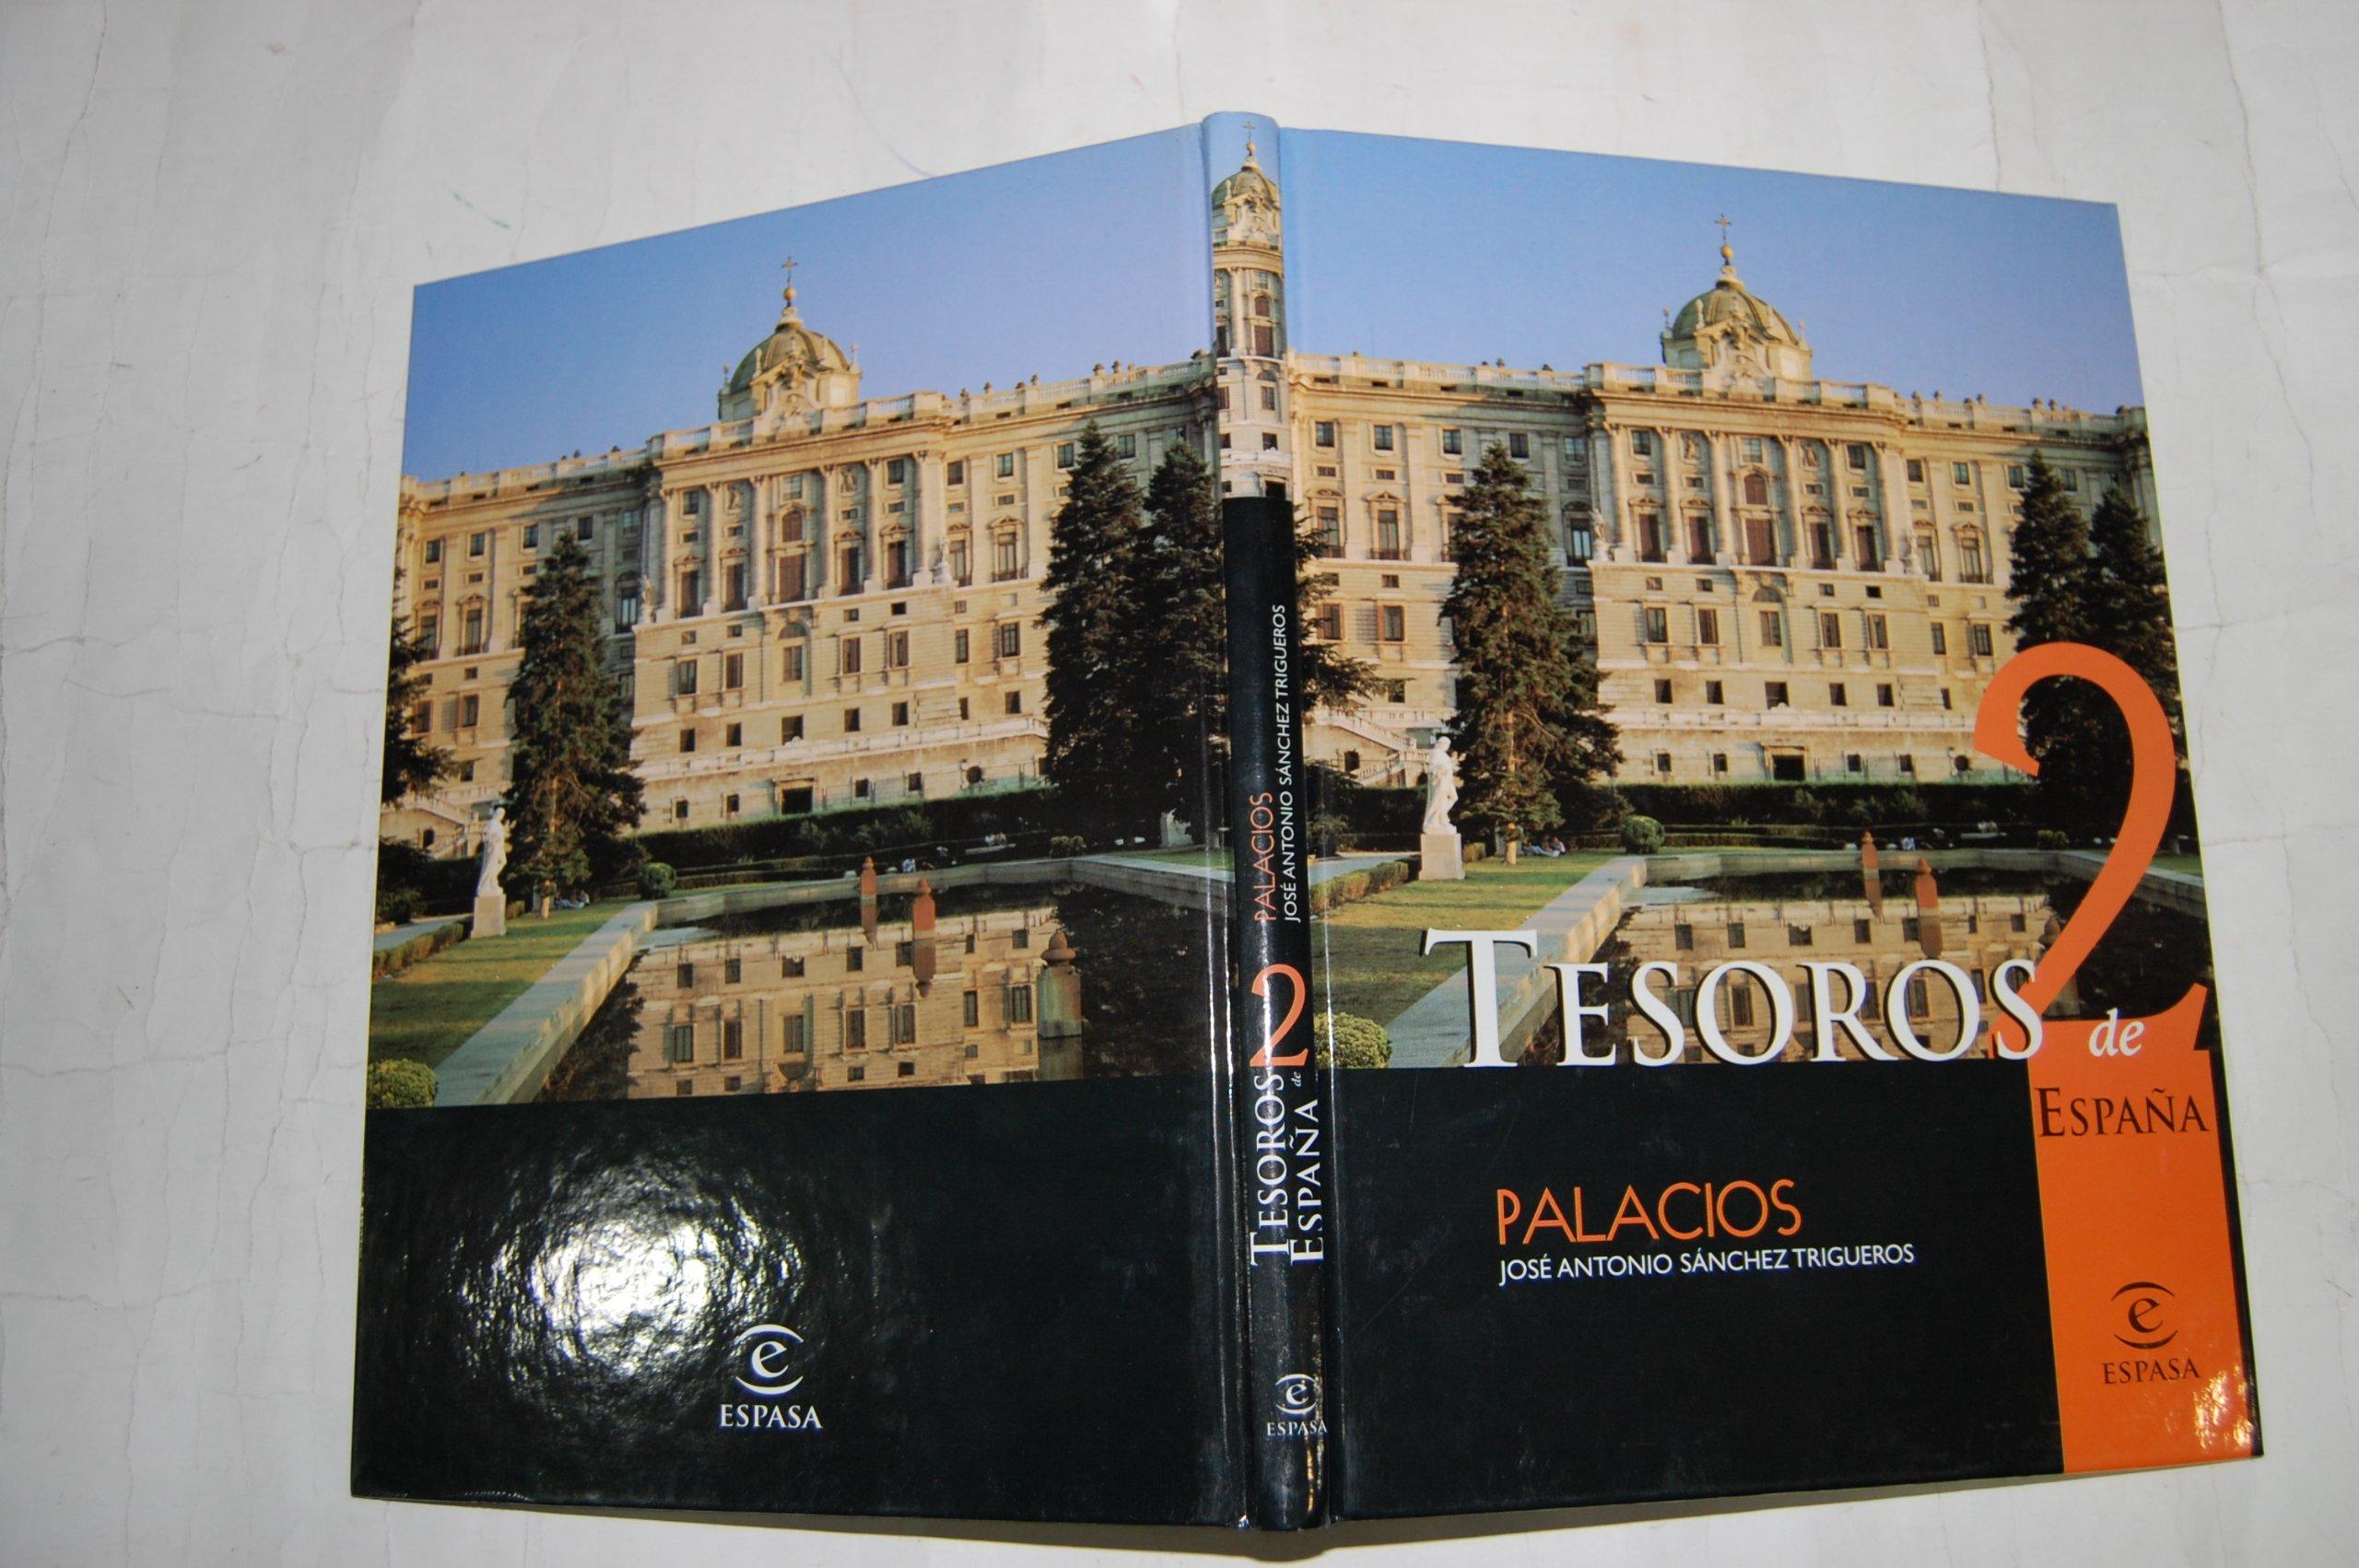 Tesoros de España. 2. Palacios.: Amazon.es: José Antonio Sánchez Trigueros: Libros